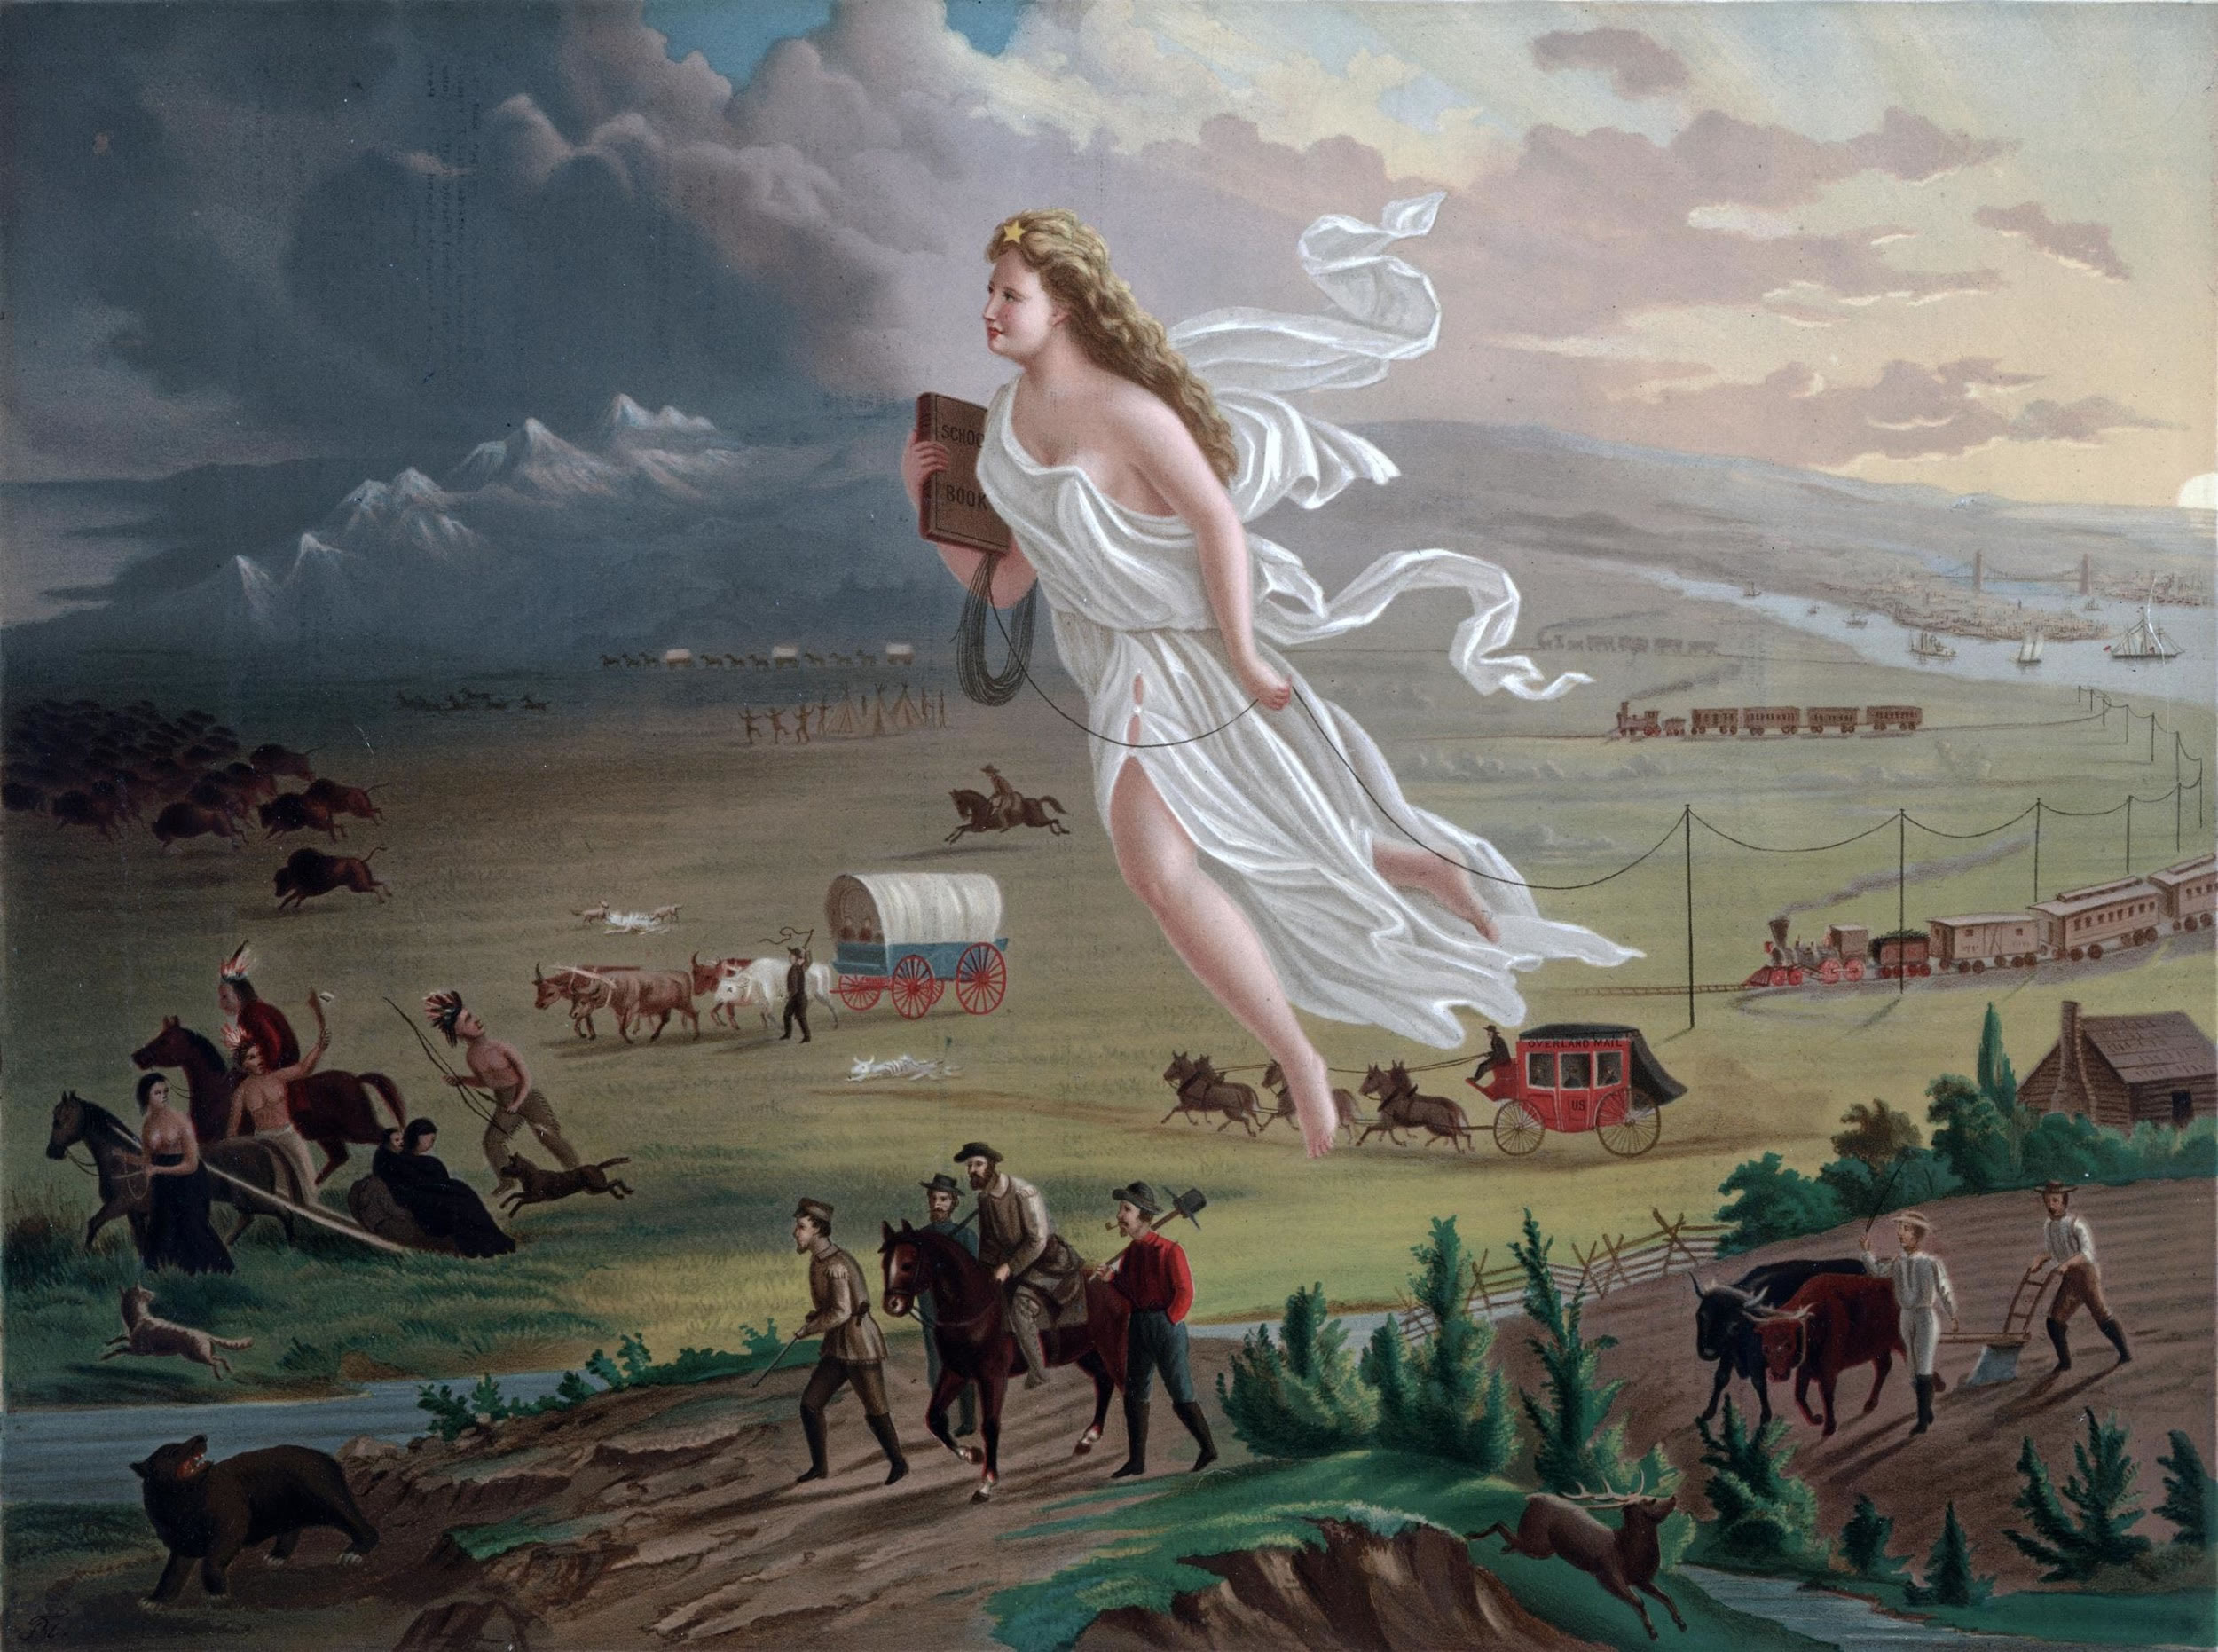 American Progress, peinture allégorique de John Galt (1872) représentant la destinée manifeste